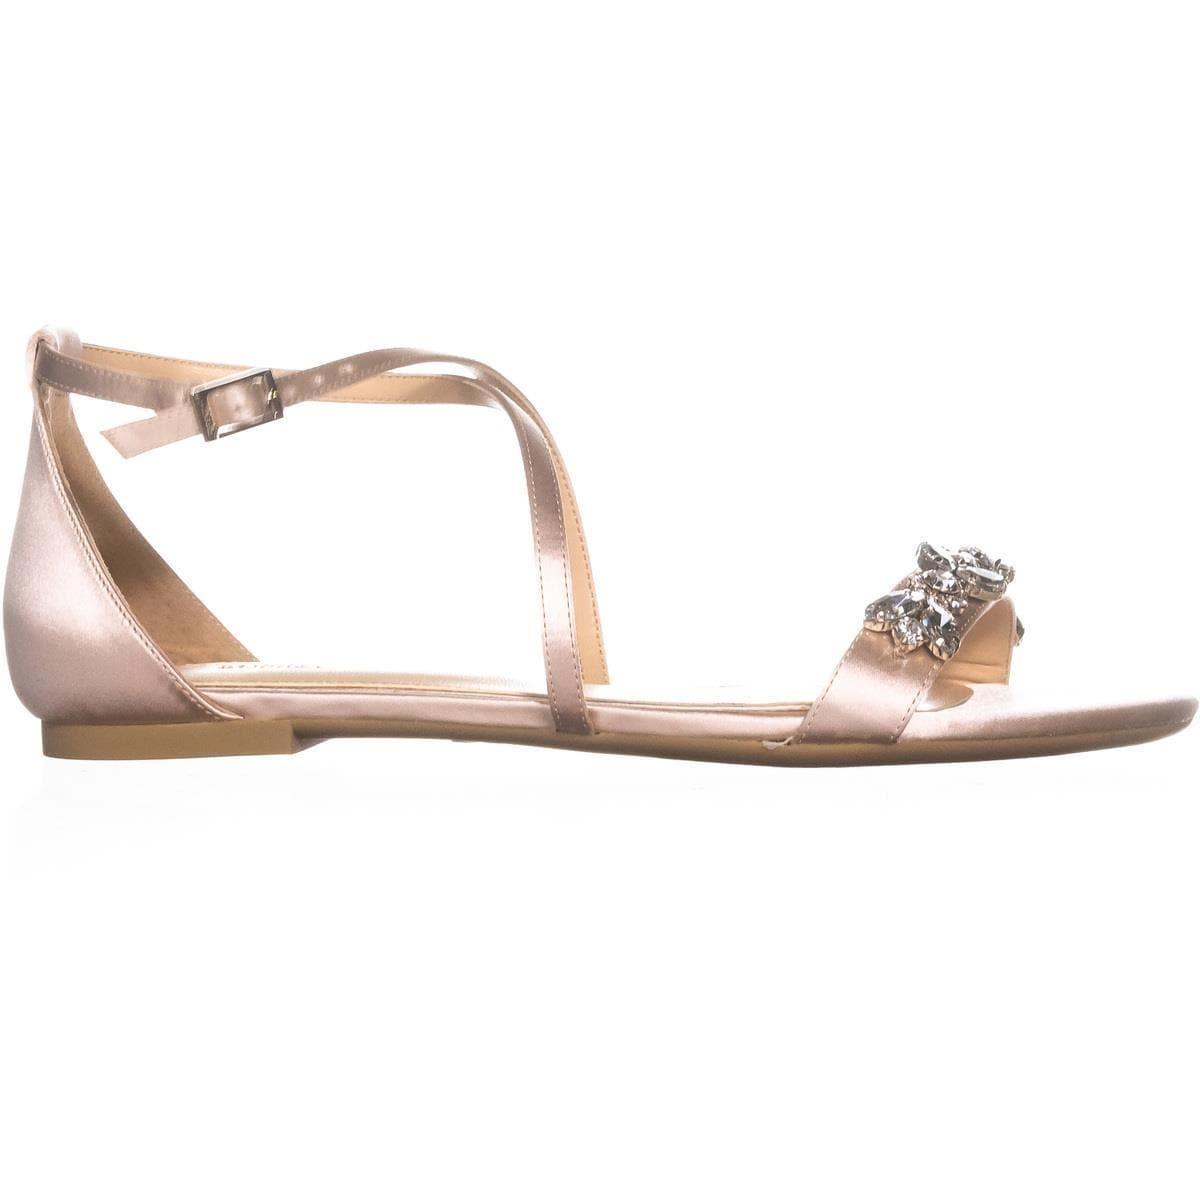 99bb93b3d Shop Jewel by Badgley Mischka Tessy Rhinestone Sandals